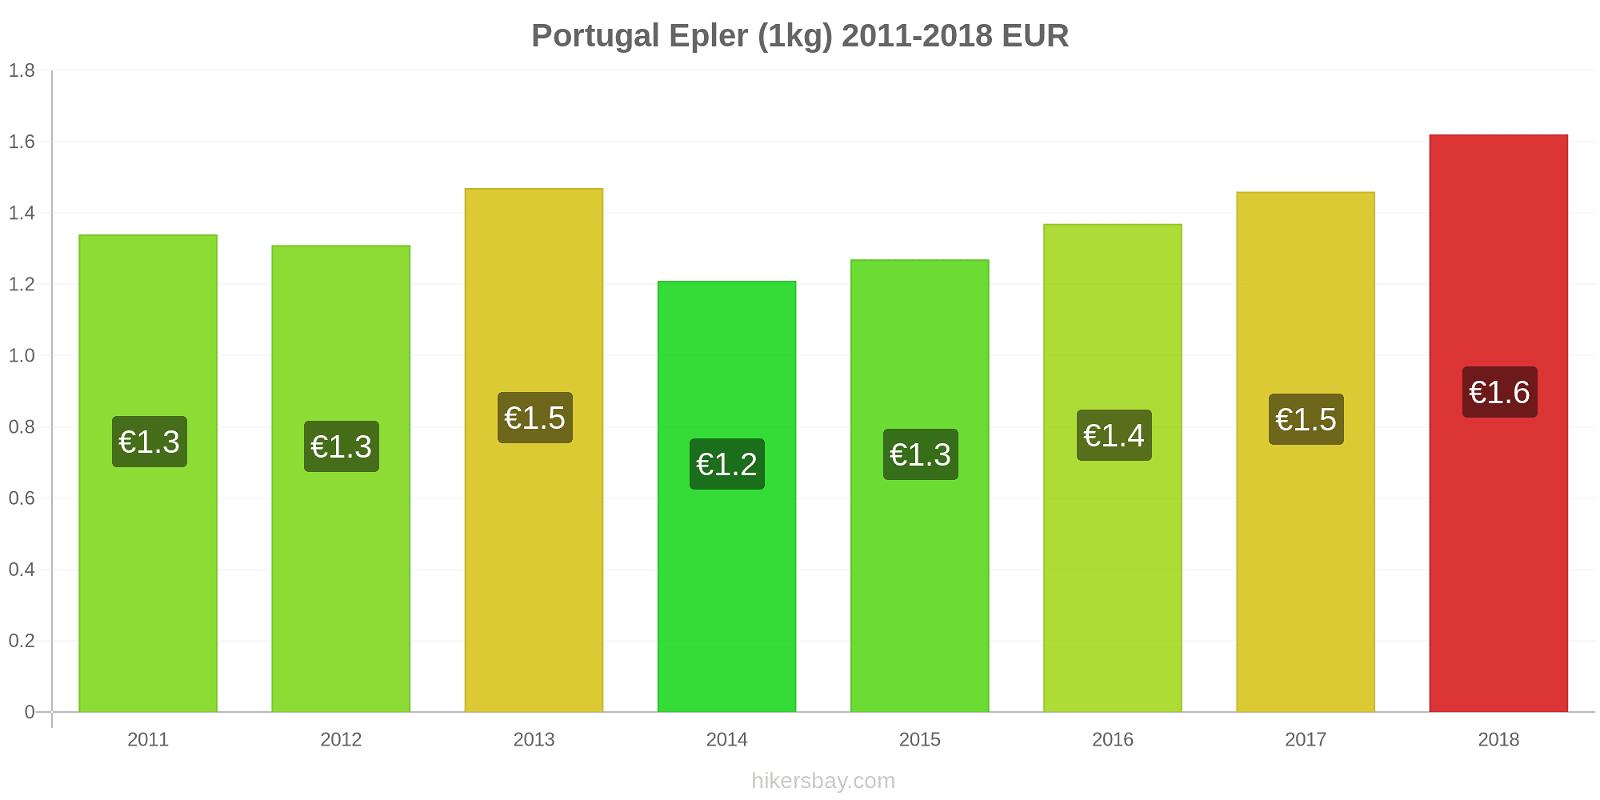 Portugal prisendringer Epler (1kg) hikersbay.com